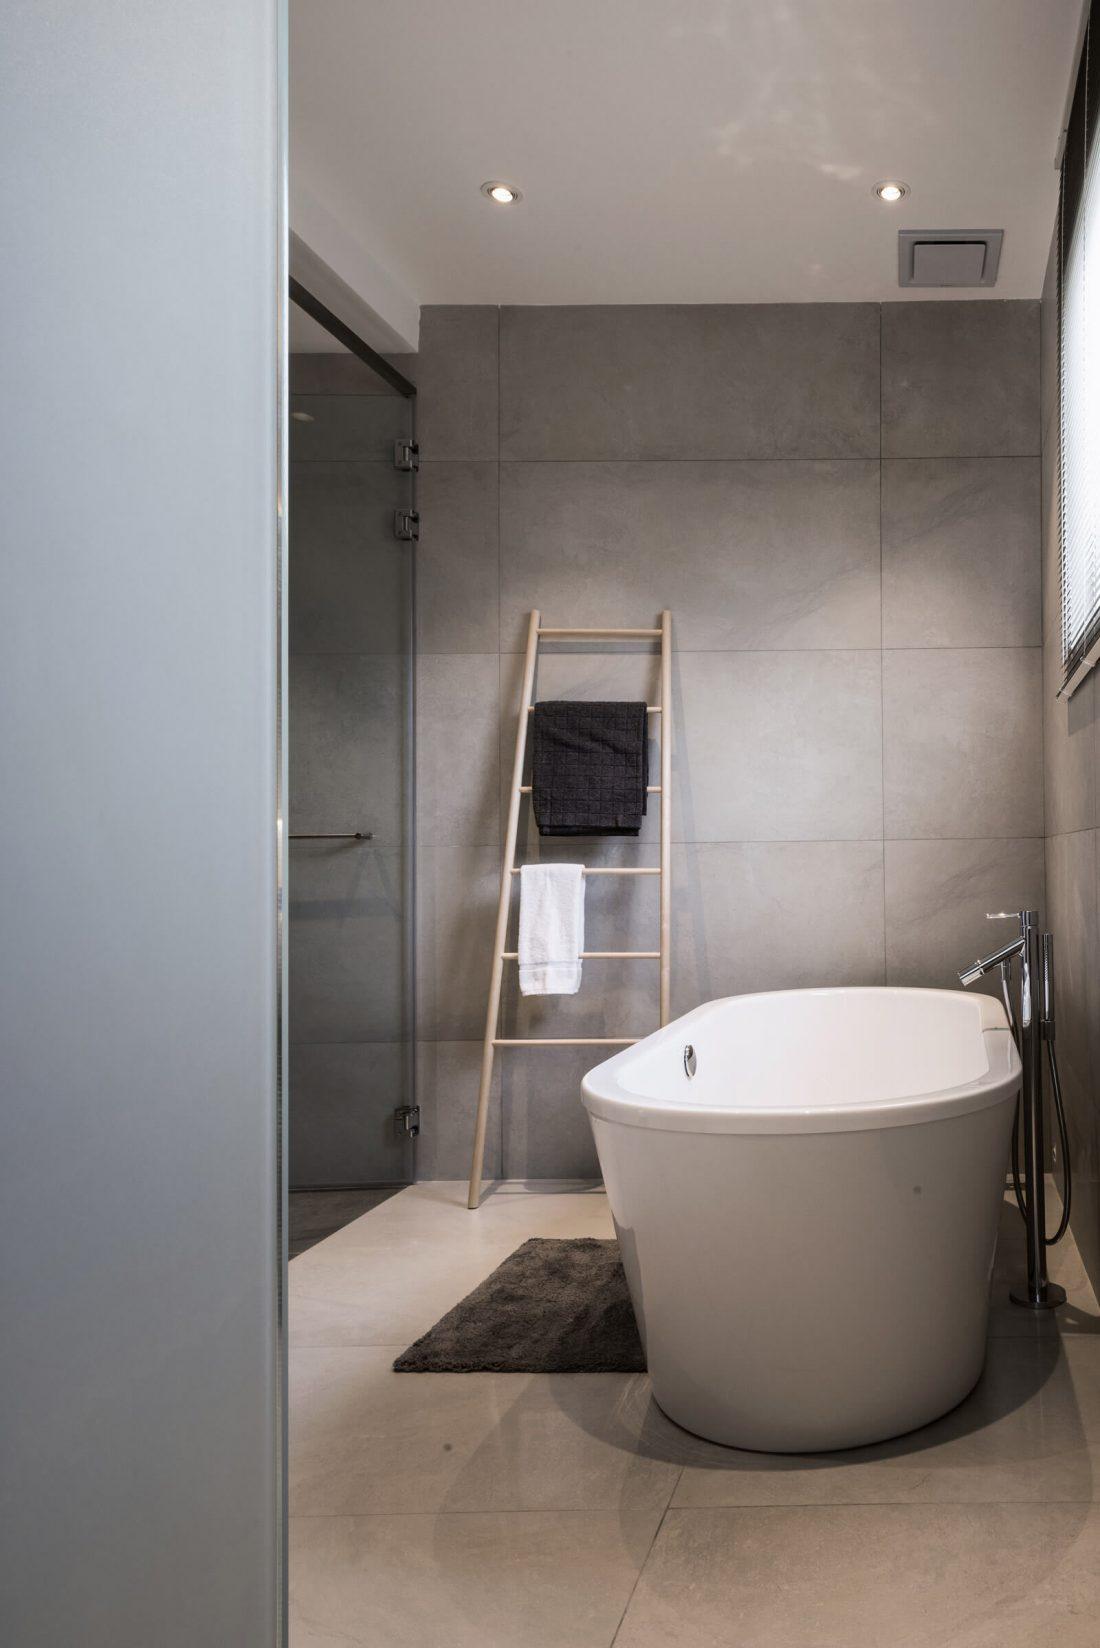 Interior-Design-Permai-Gardens-Villas-Penang-Malaysia-Master-Bathroom-Design-v3